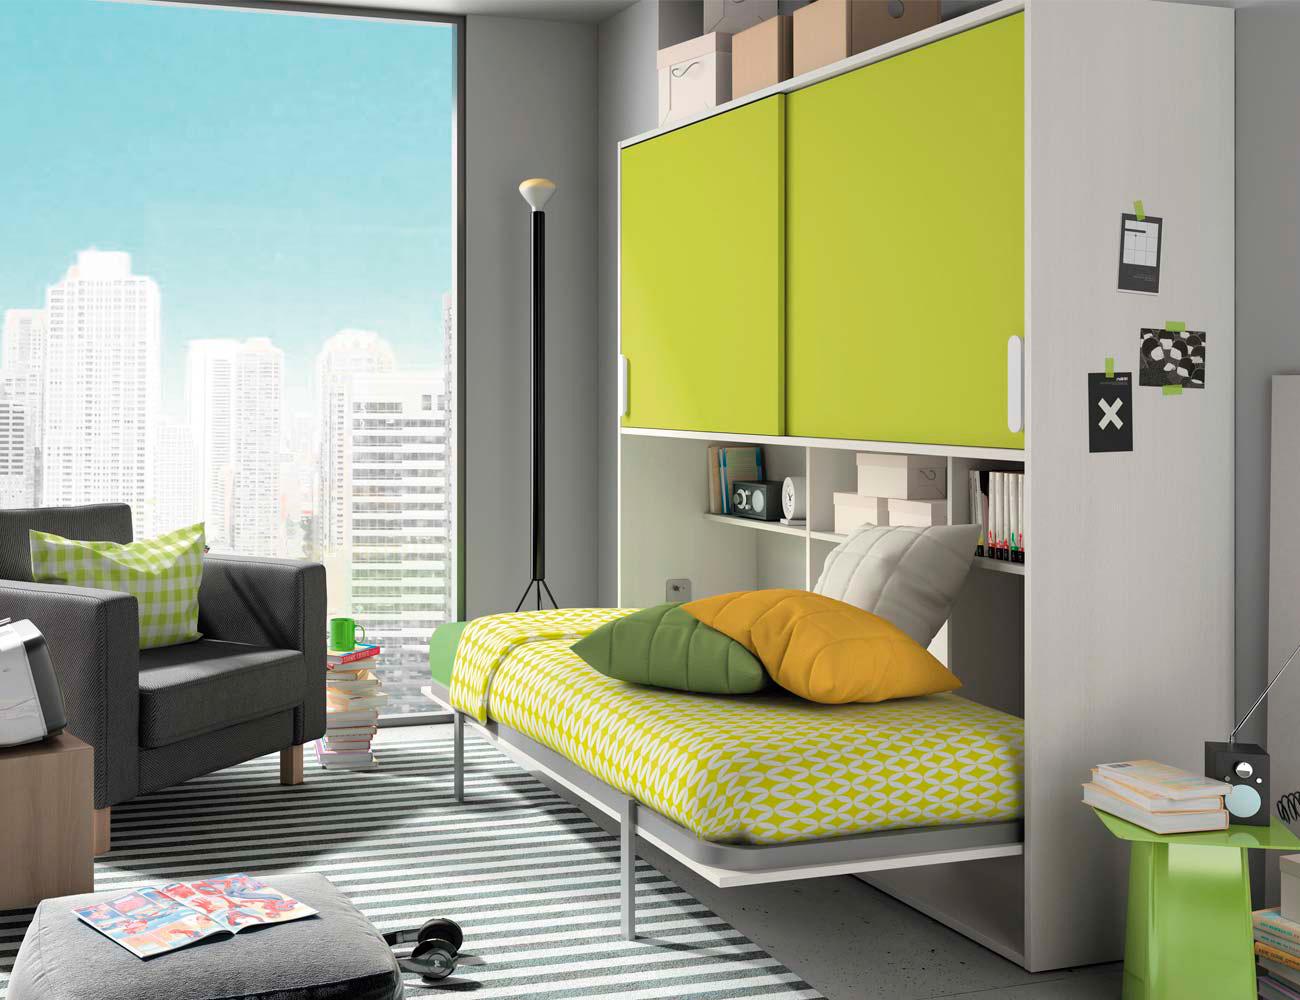 Composicion 307 dormitorio juvenil blanco kiwi3